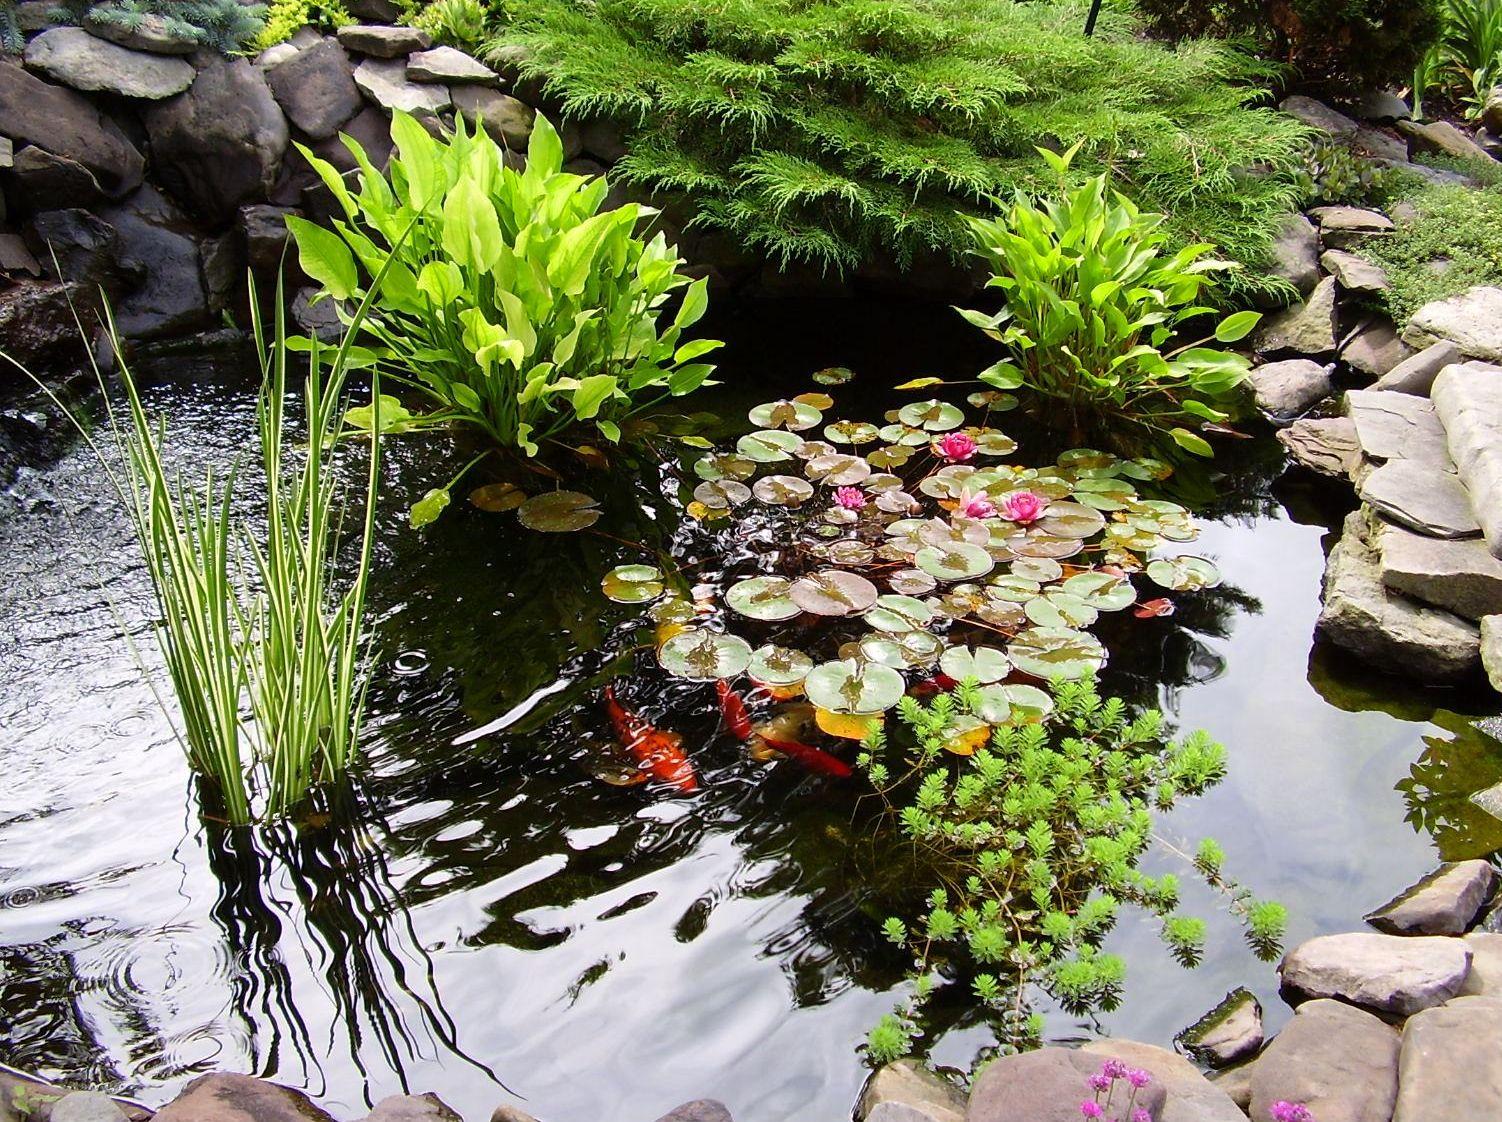 съедобные растения для водоема на участке